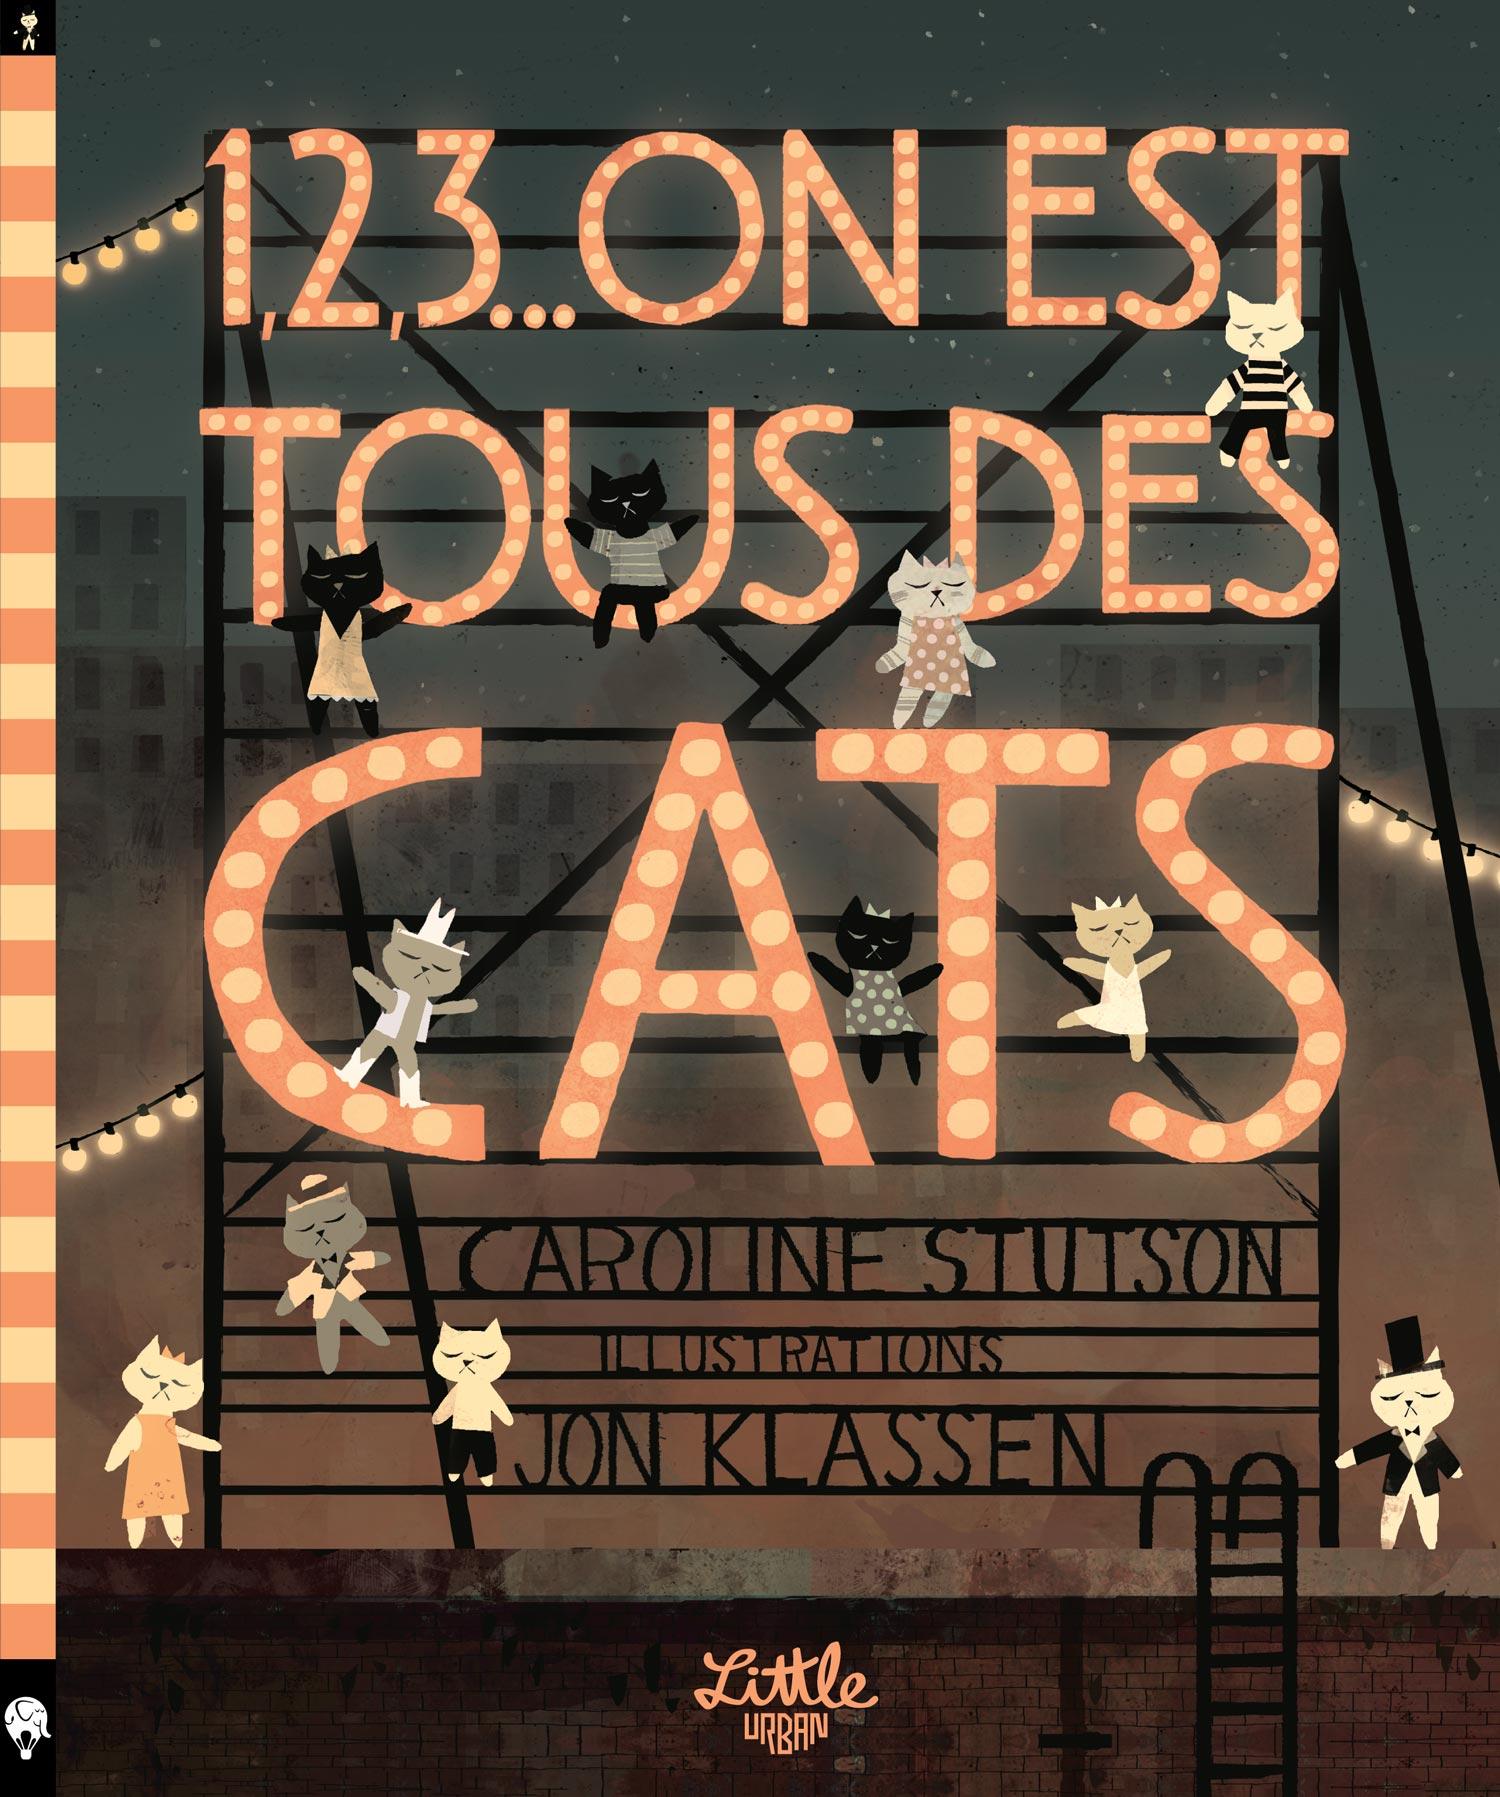 CV_123-CATS_FR